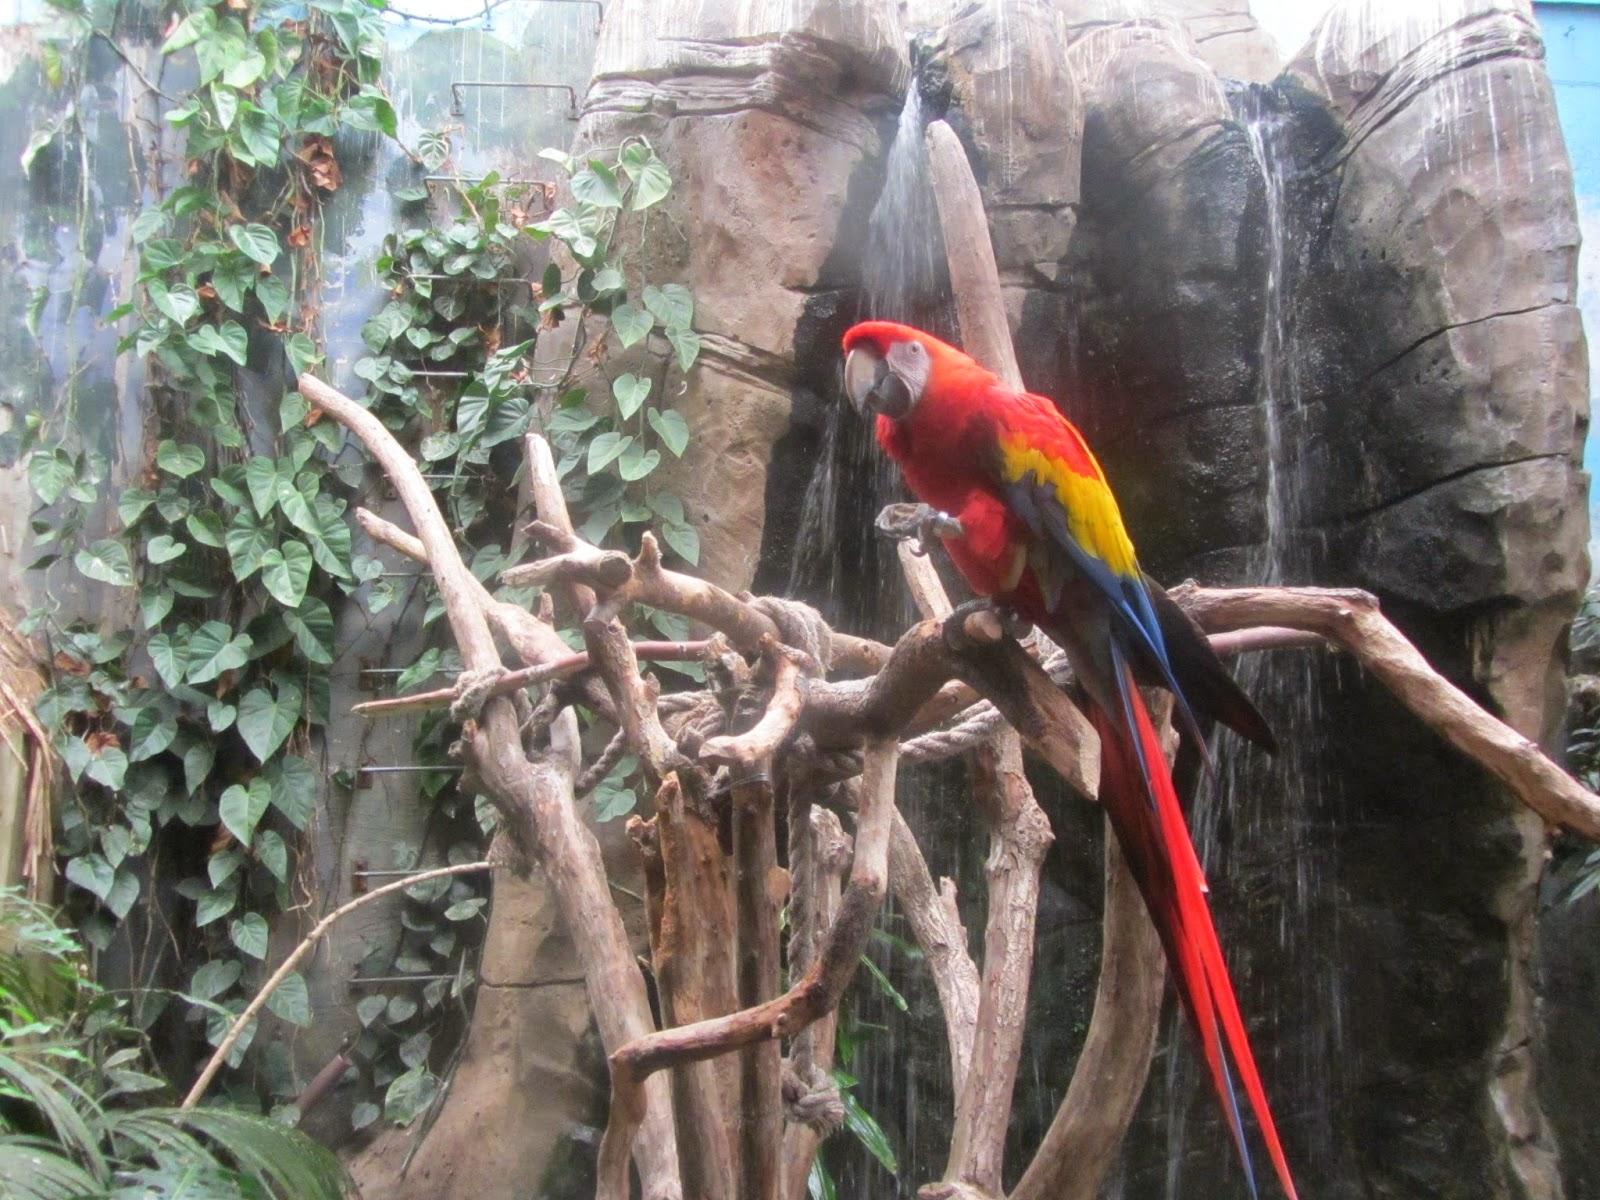 Ecosistema La Jungla, perfectamente ambientado para que las especies se encuentren en su hábitat natural.